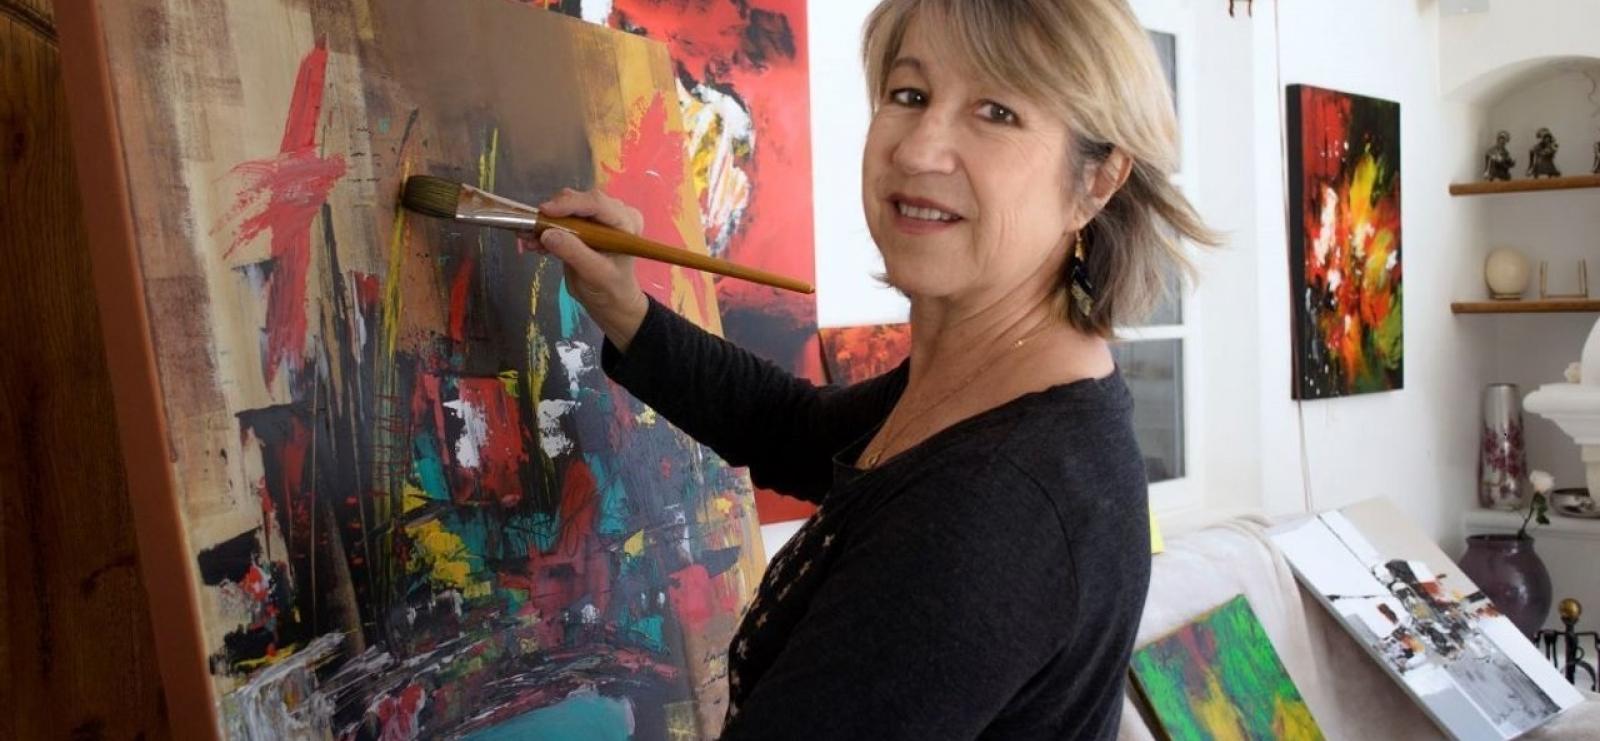 l'Artiste peintre à son travail.